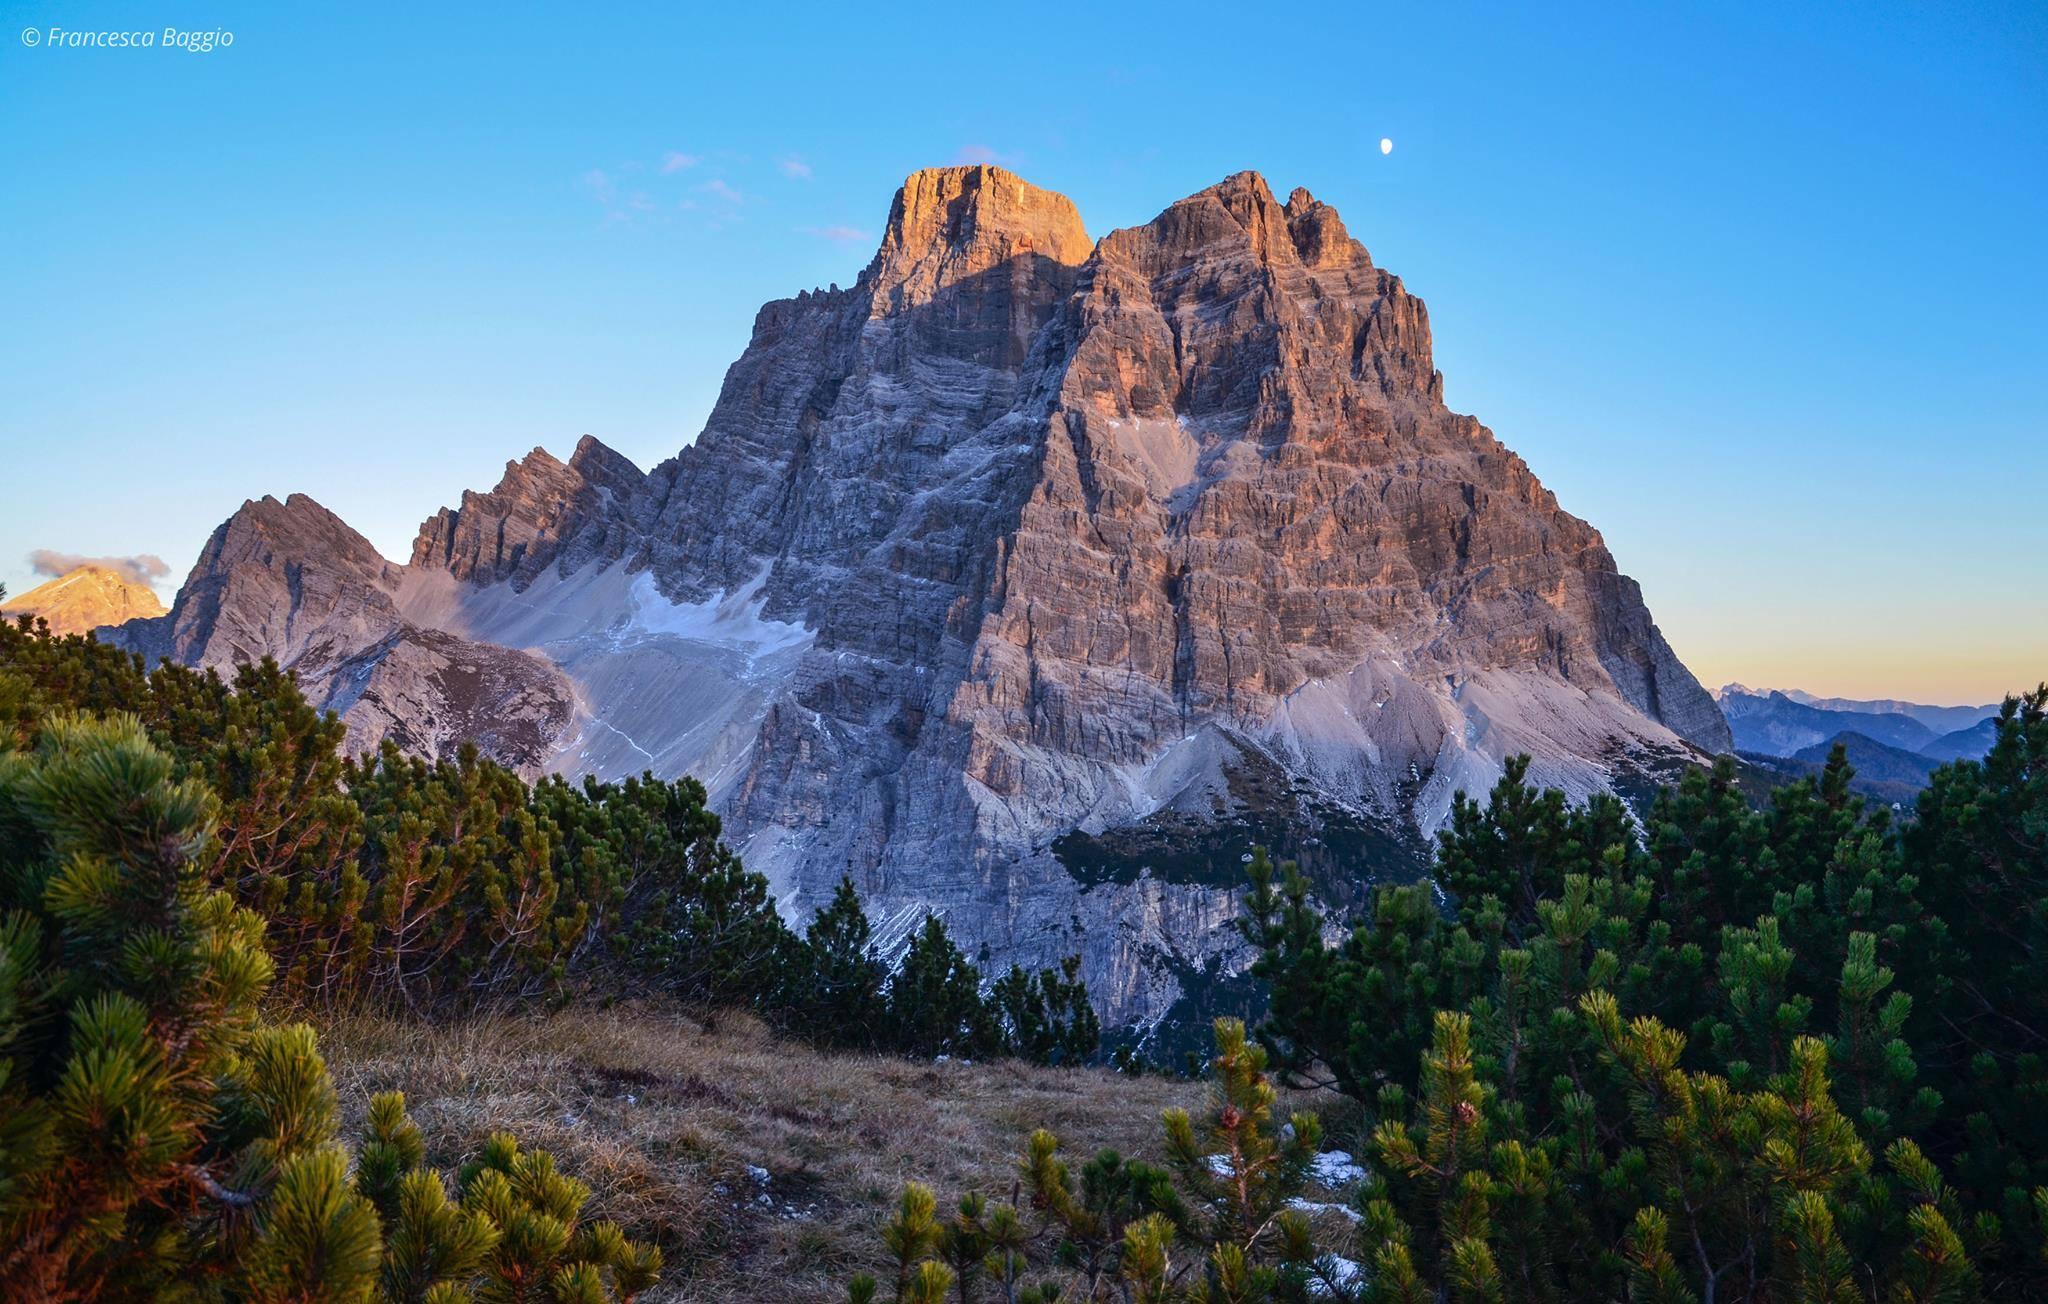 Monte Pelmo (foto di Francesca Baggio)